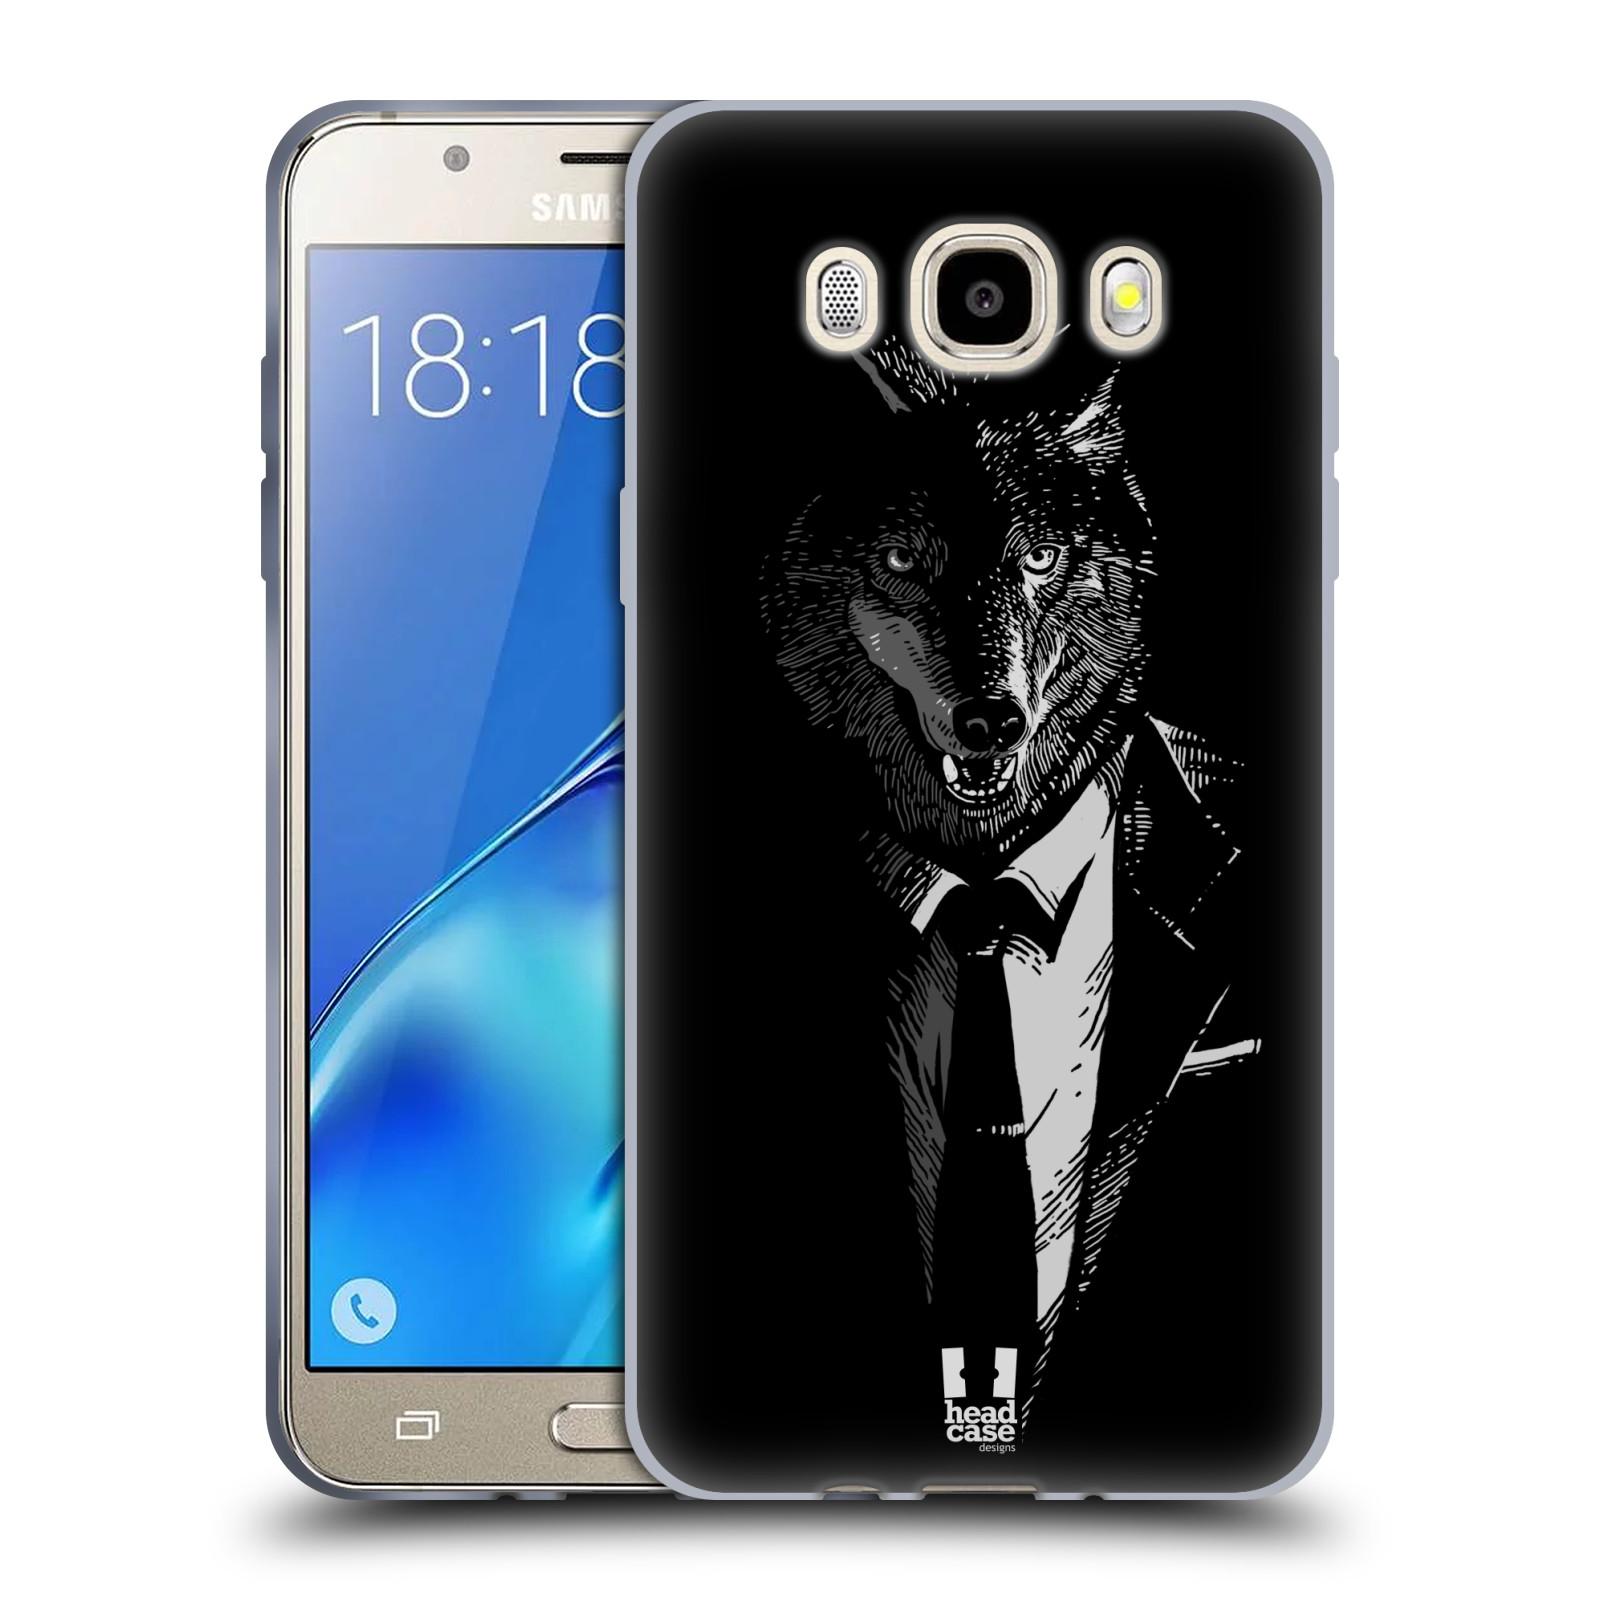 HEAD CASE silikonový obal, kryt na mobil Samsung Galaxy J5 2016, J510, J510F, (J510F DUAL SIM) vzor Zvíře v obleku vlk